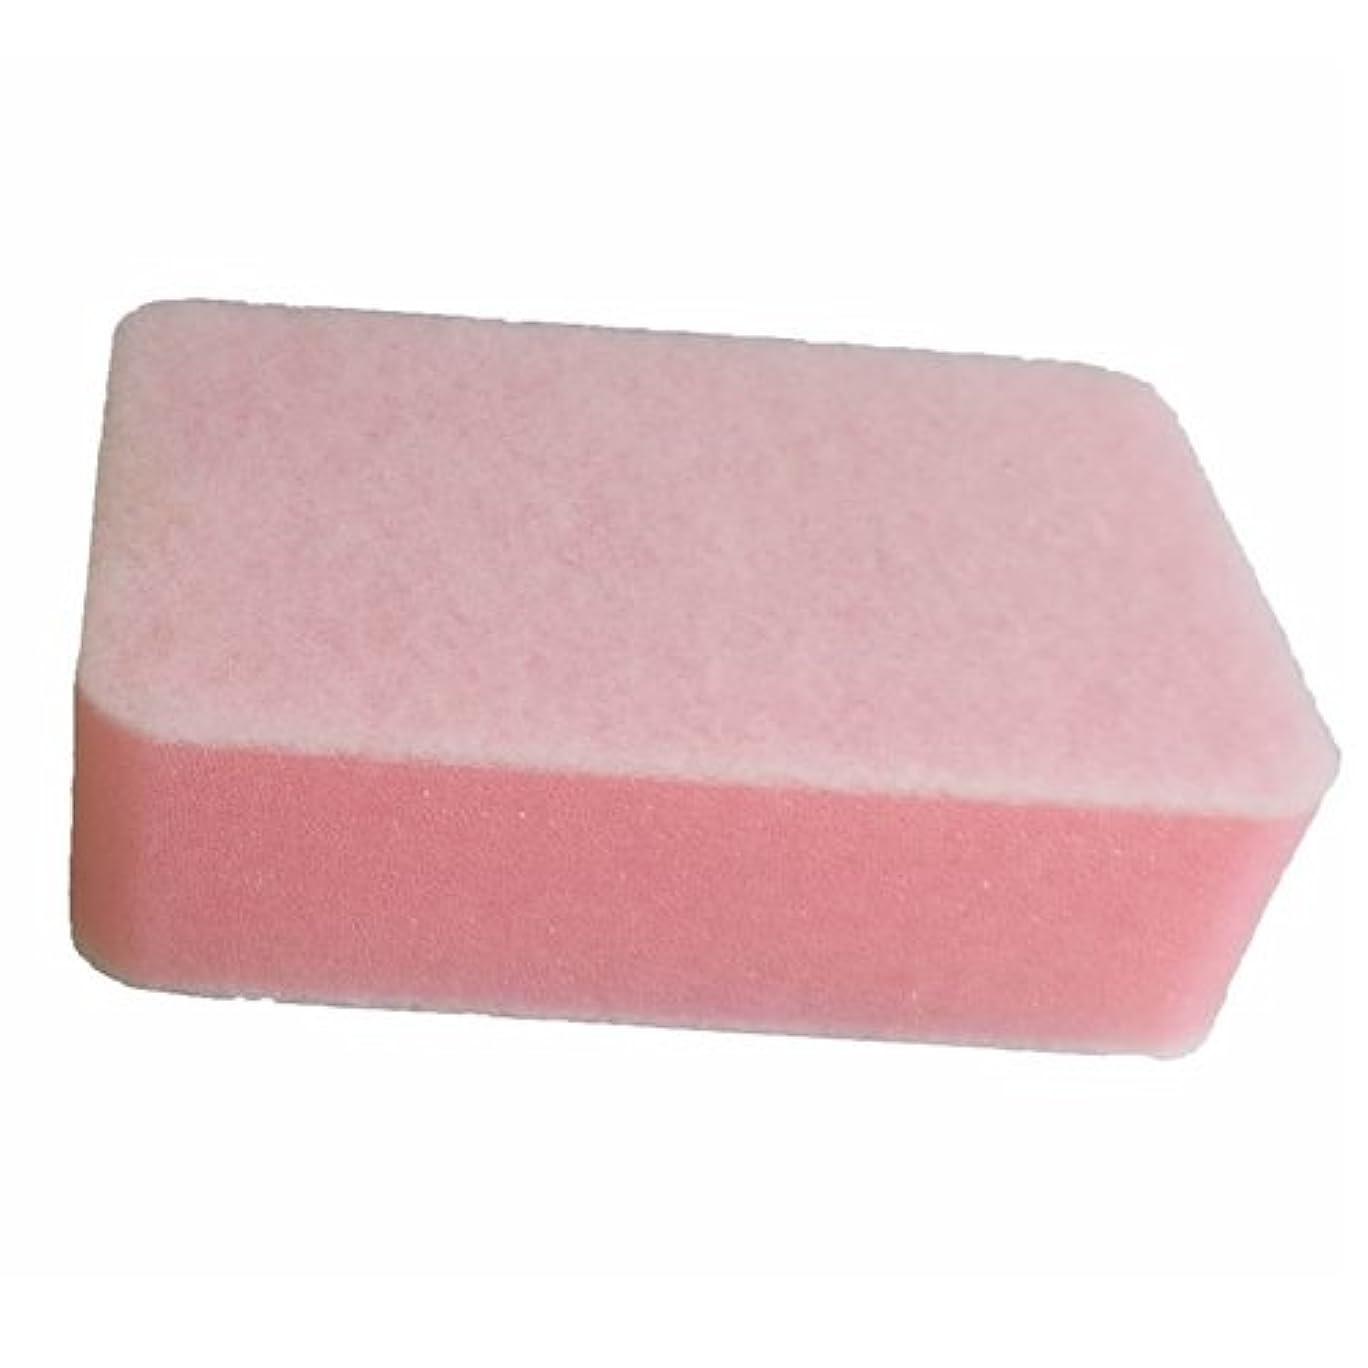 登る賢い自宅でバススポンジ フロピカ ピンク